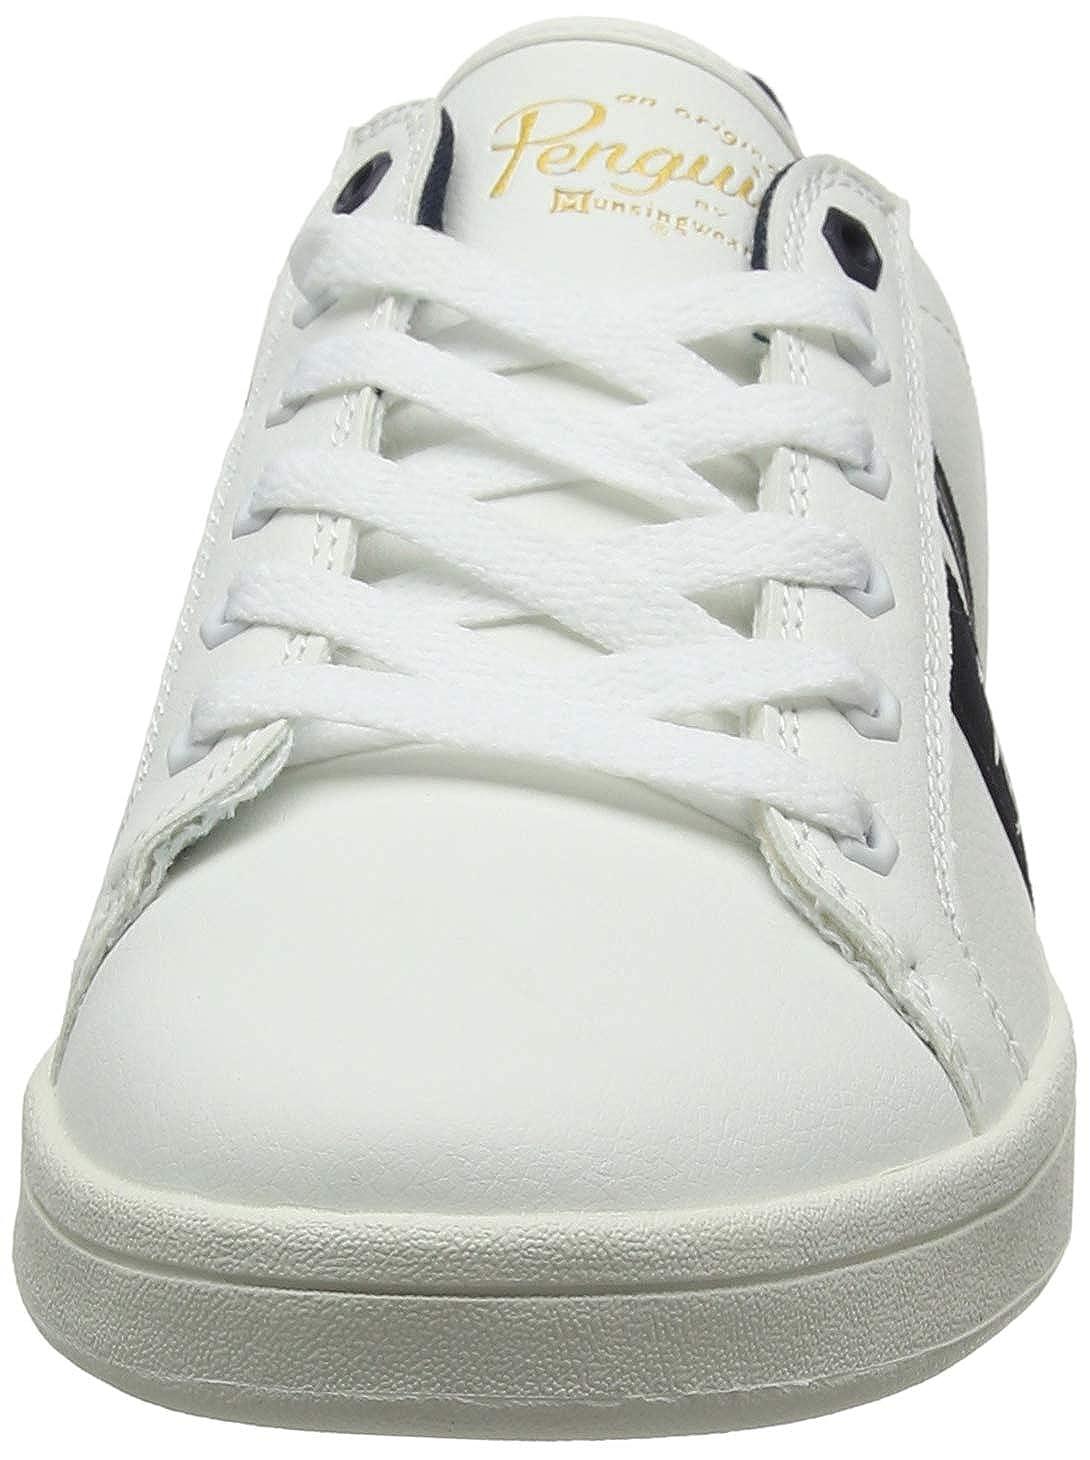 Penguin Steadman Retro Mens Sneakers White